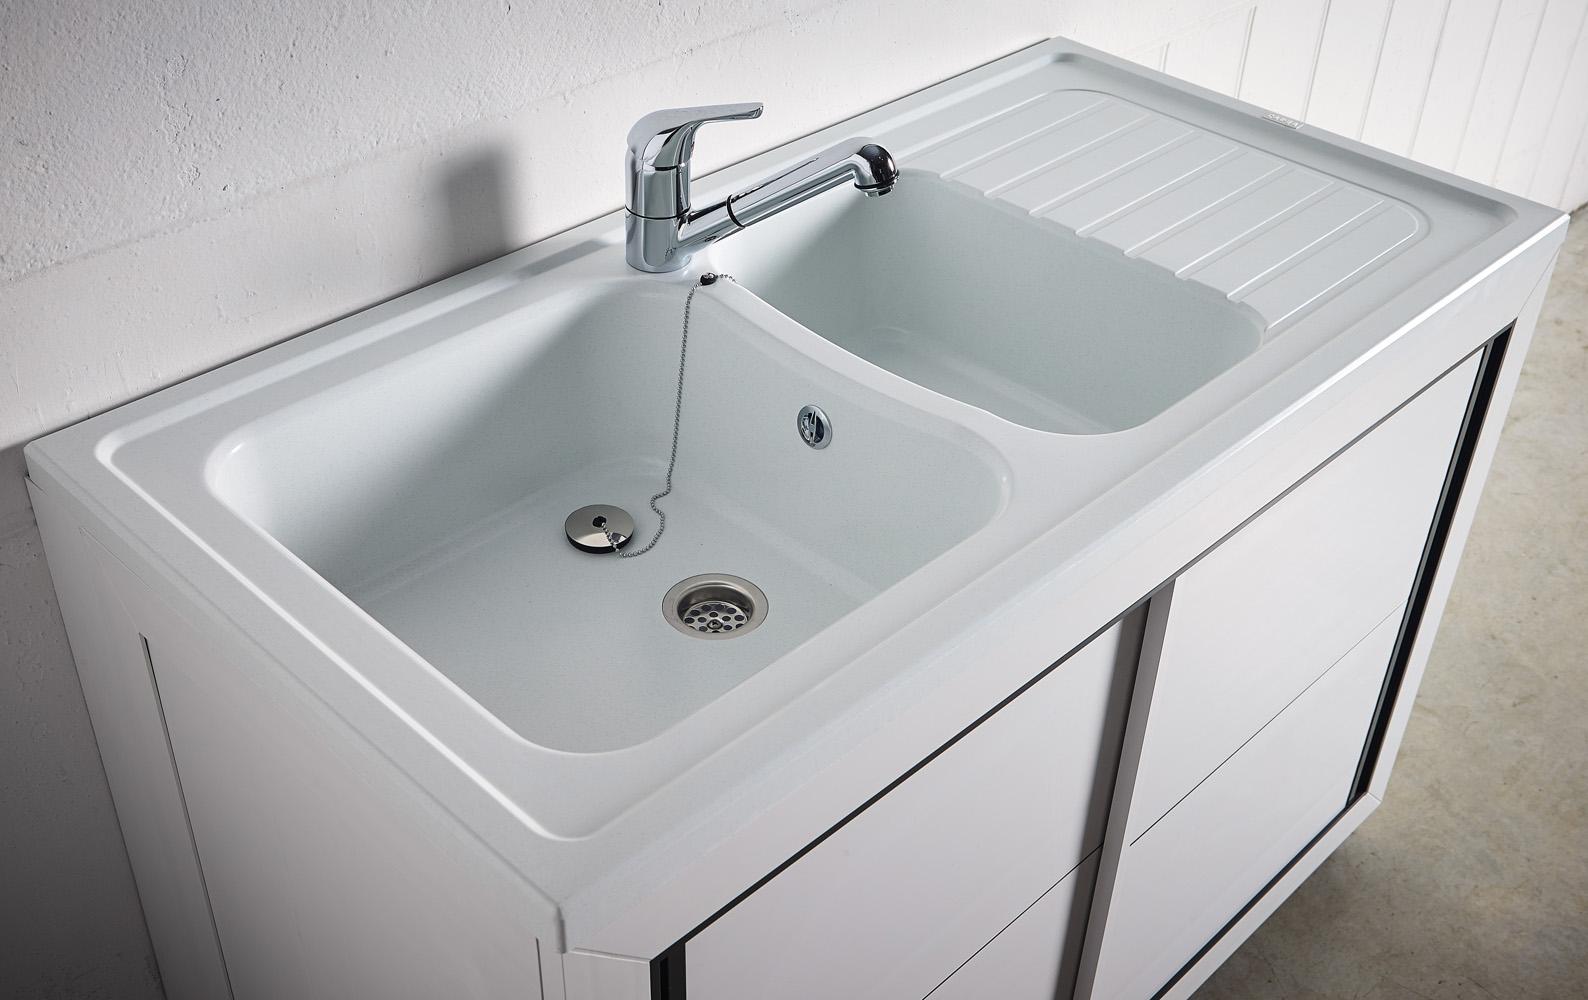 Carea sanitaire vend e normandie meuble pvc carea for Evier et meuble